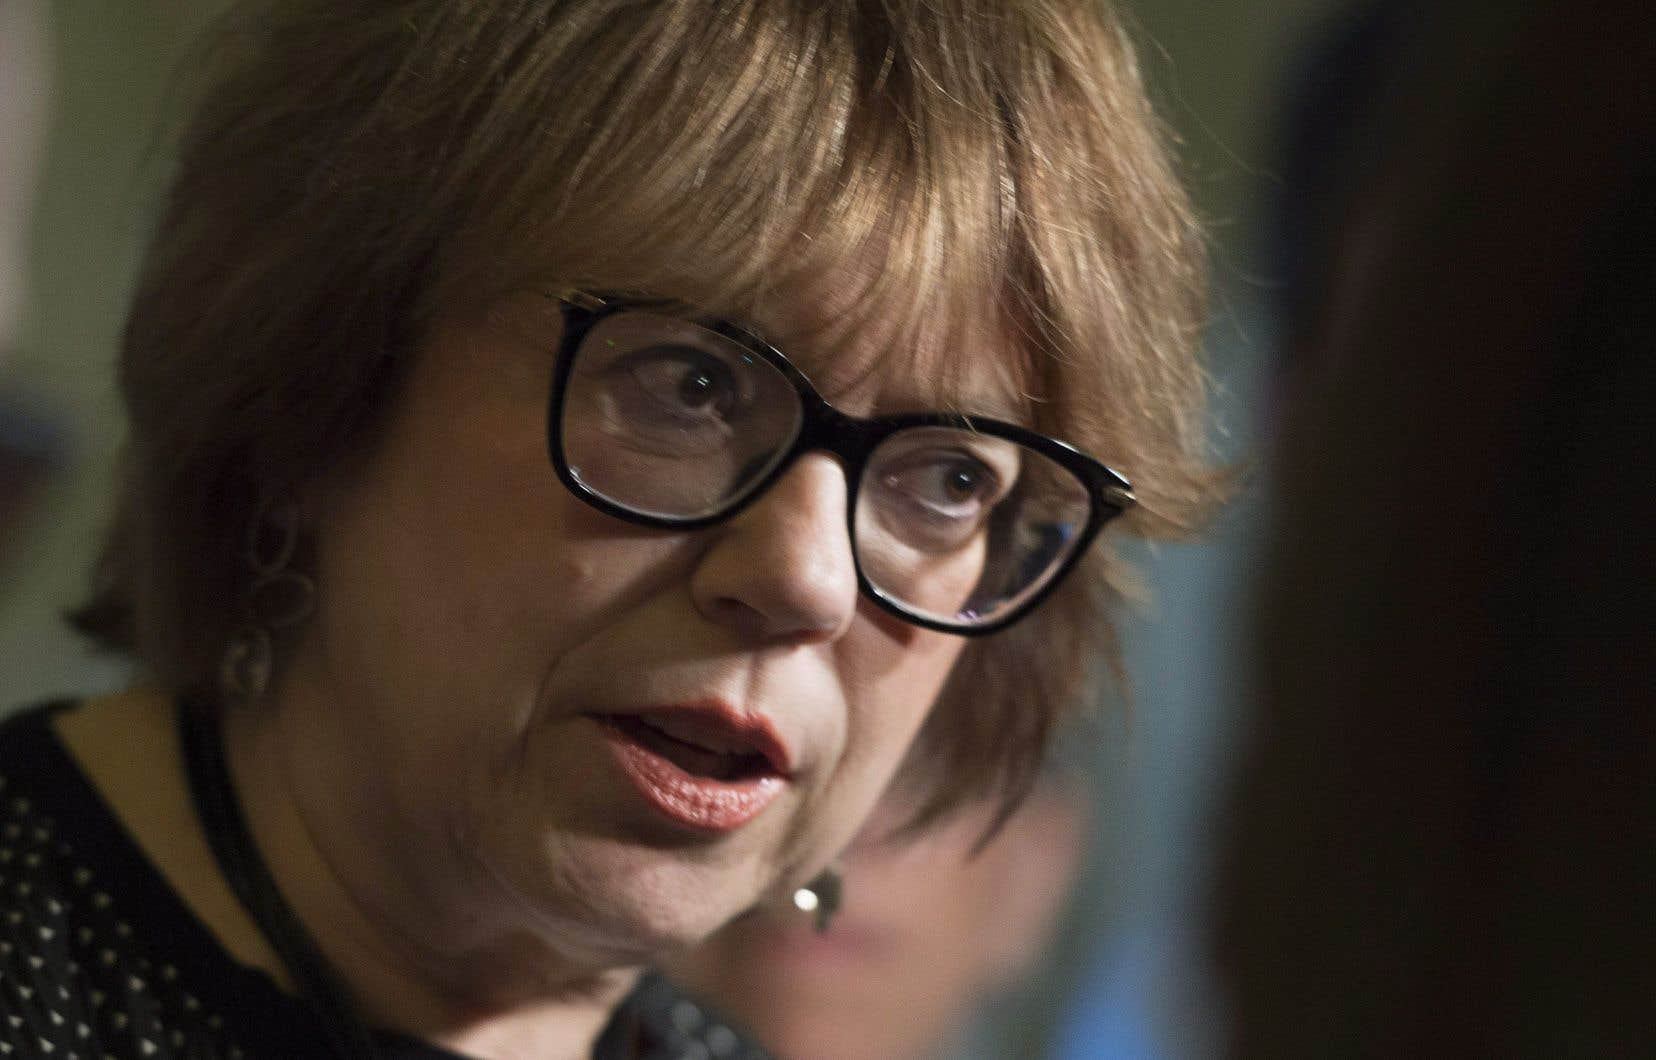 La ministre de l'Enseignement supérieur, Hélène David, a dévoilé jeudi des balises qui viennent encadrer les recteurs et les autres hauts dirigeants des universités.